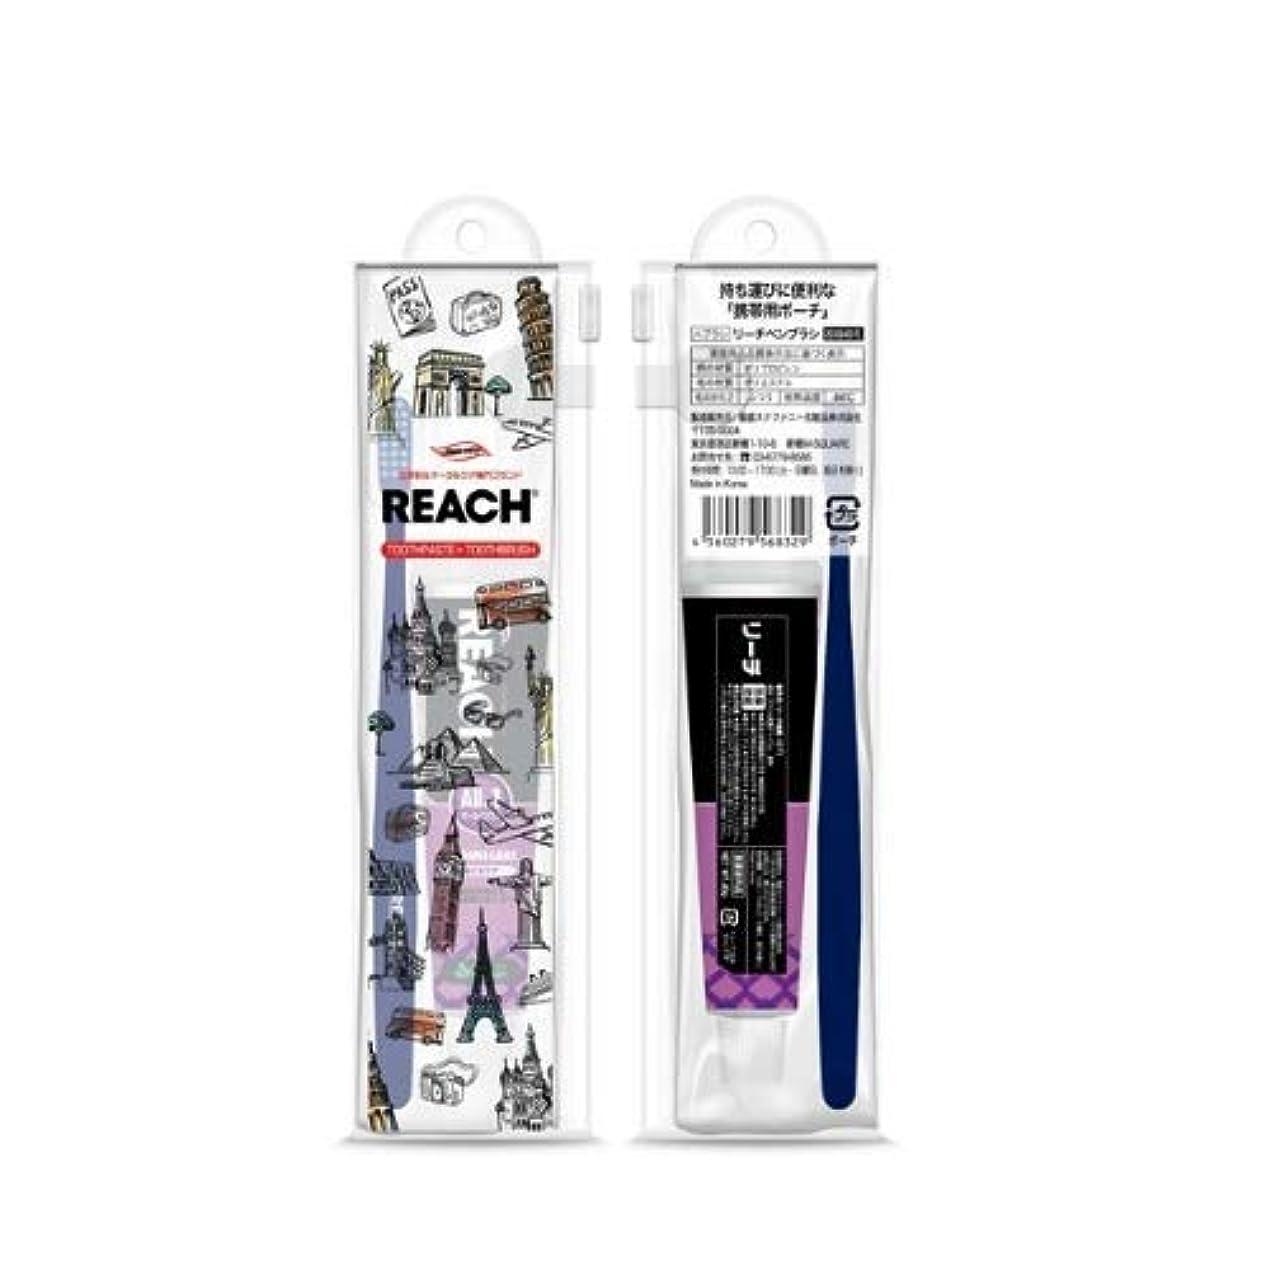 悲しむきらめきモバイルリーチトラベルセット(デンタル歯ブラシ1本?薬用歯みがき40g) × 2個セット